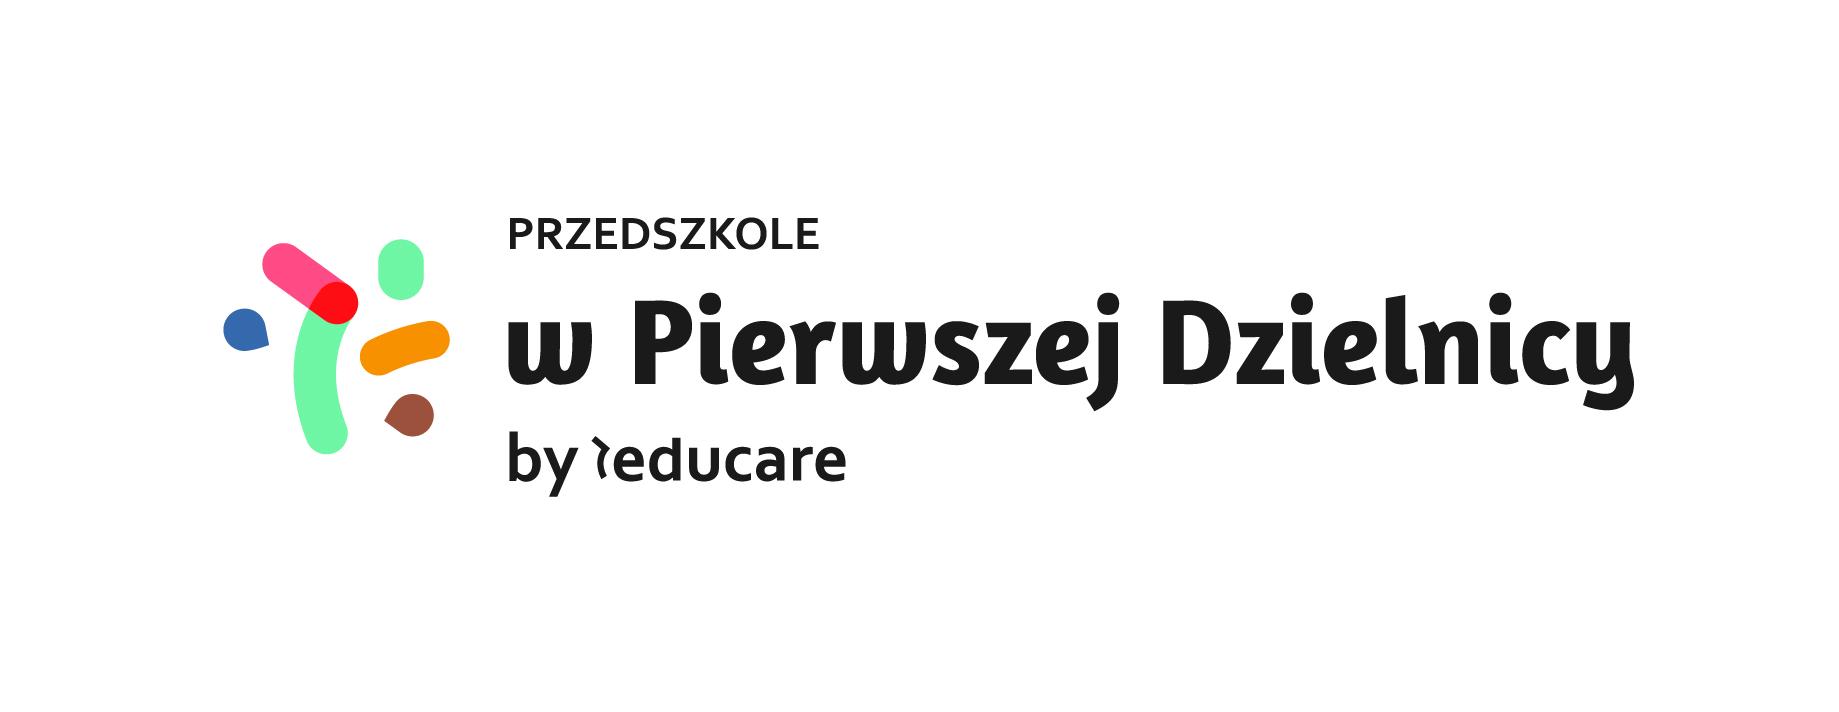 Logo_podstawowe_przedszkole_pierwsza_dz-01